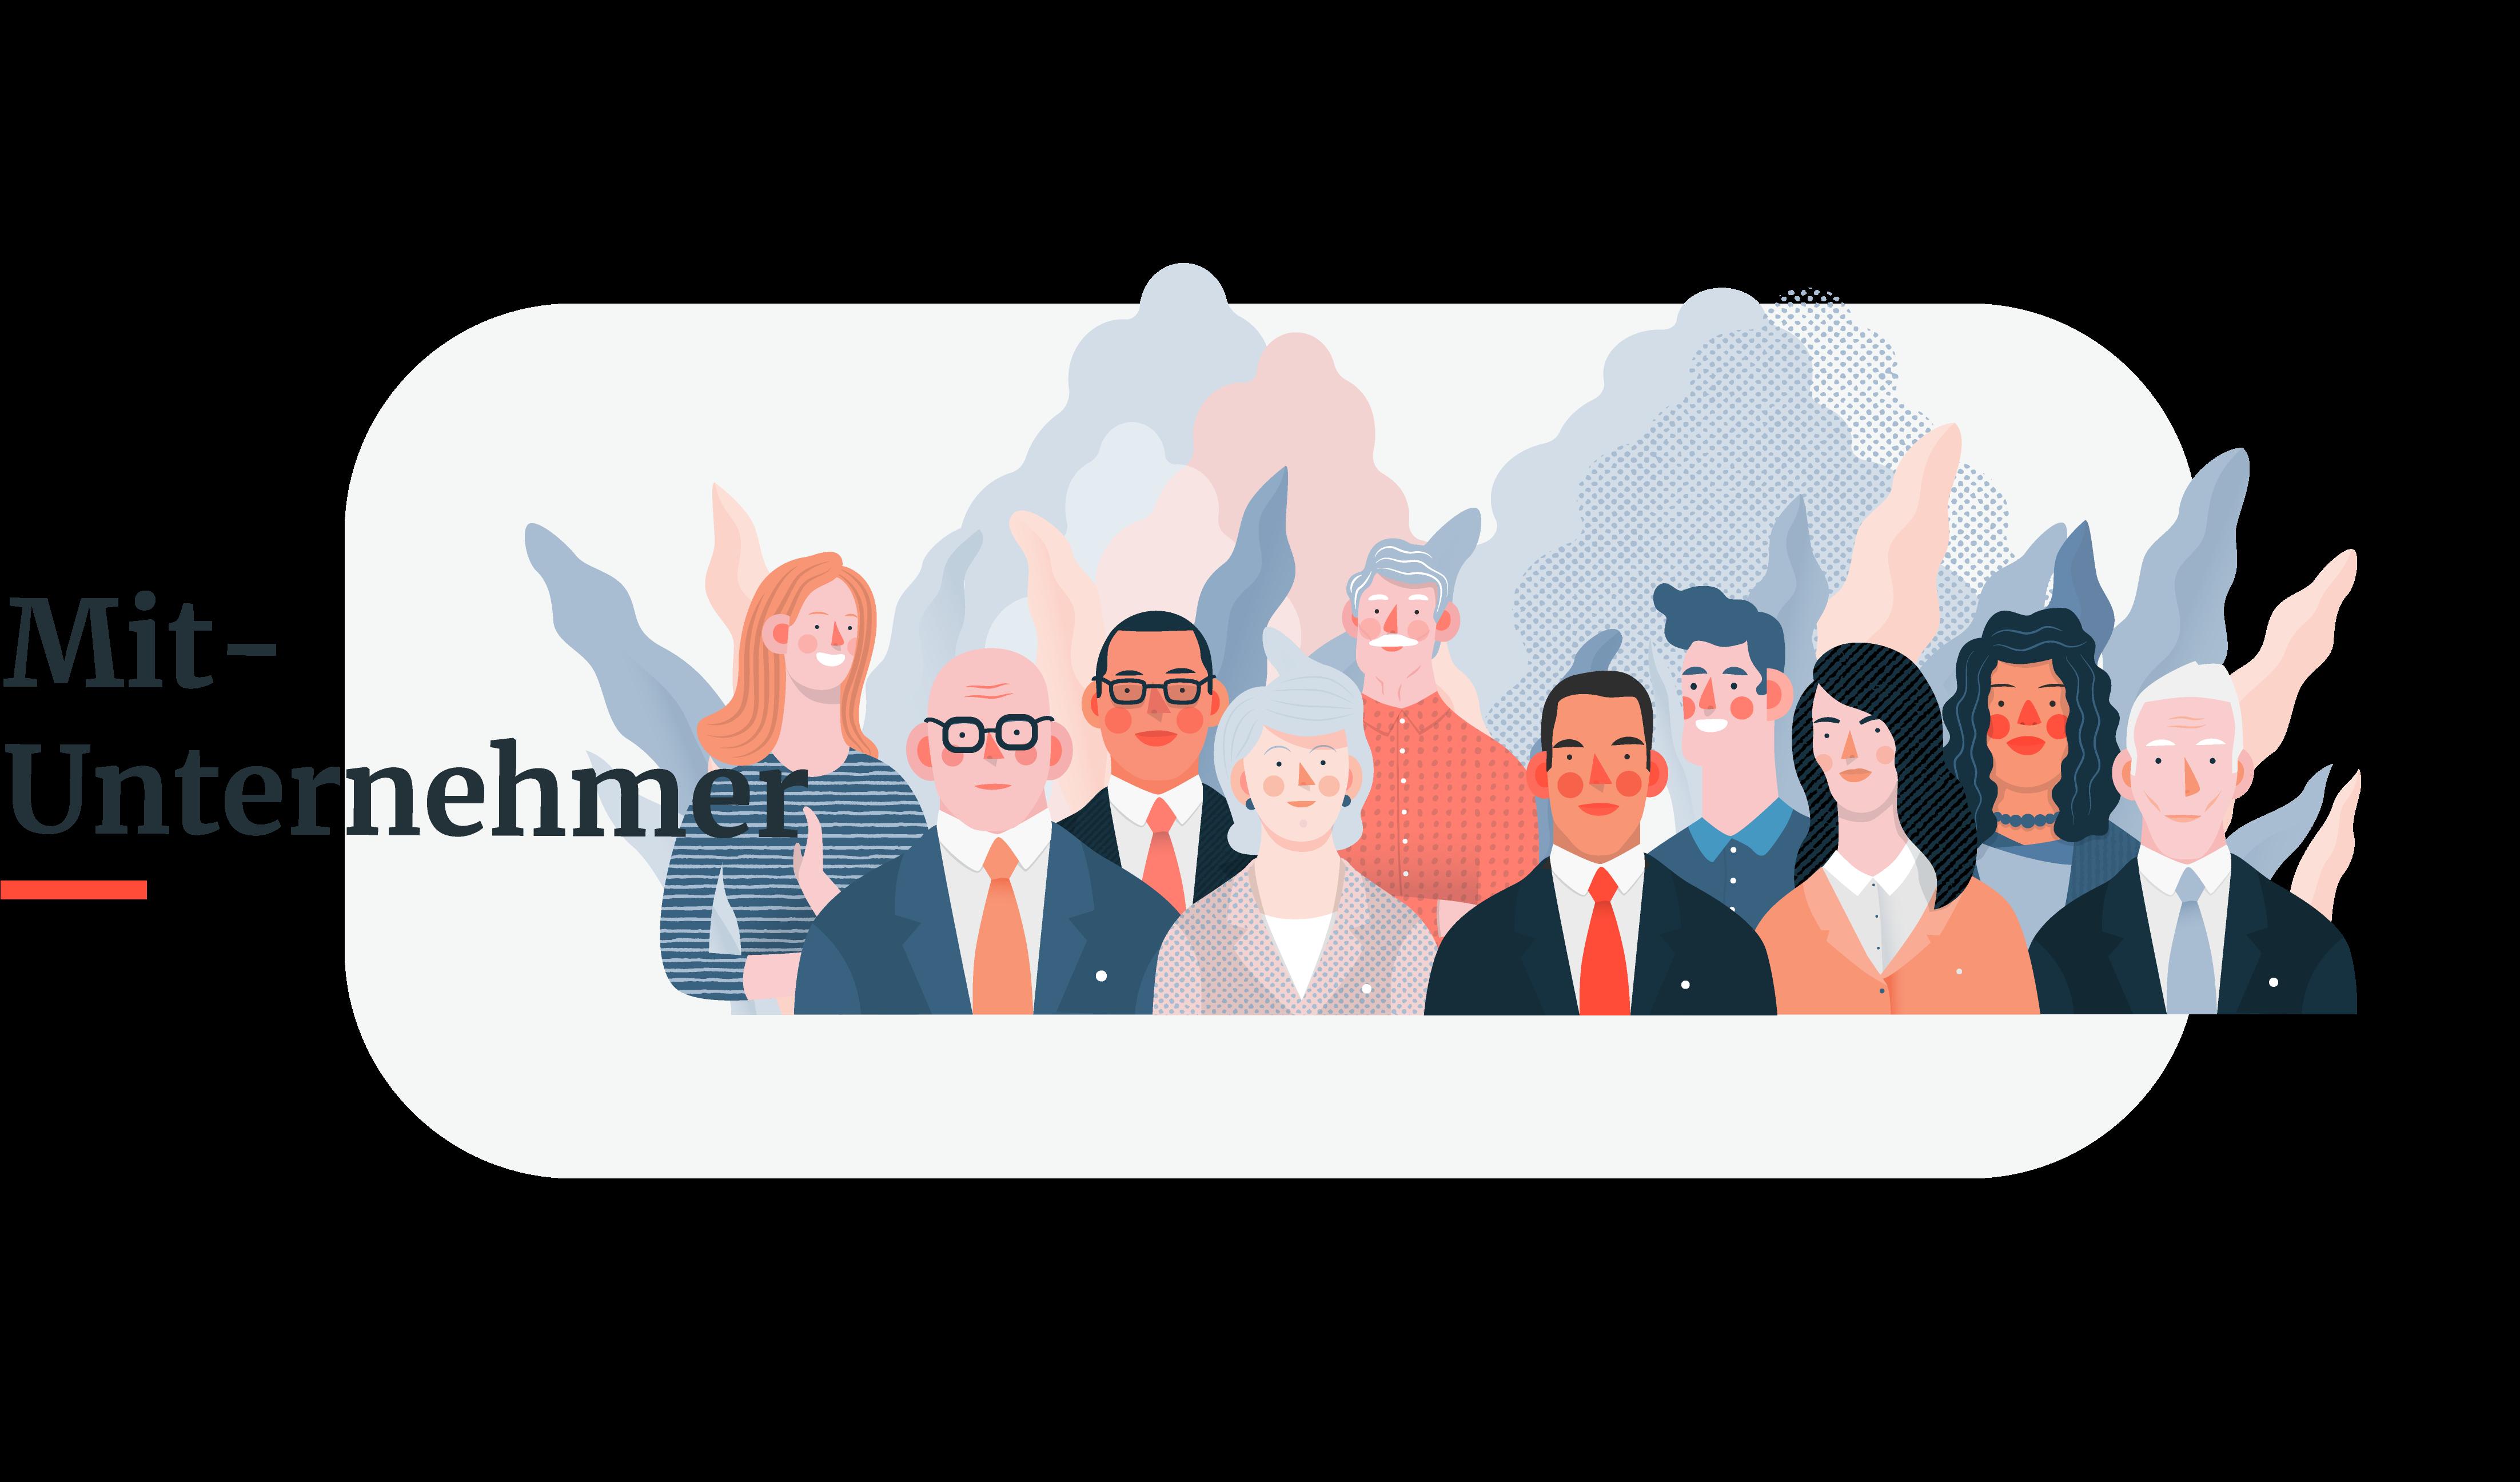 HUMAN - Illustration - Mit-Unternehmer